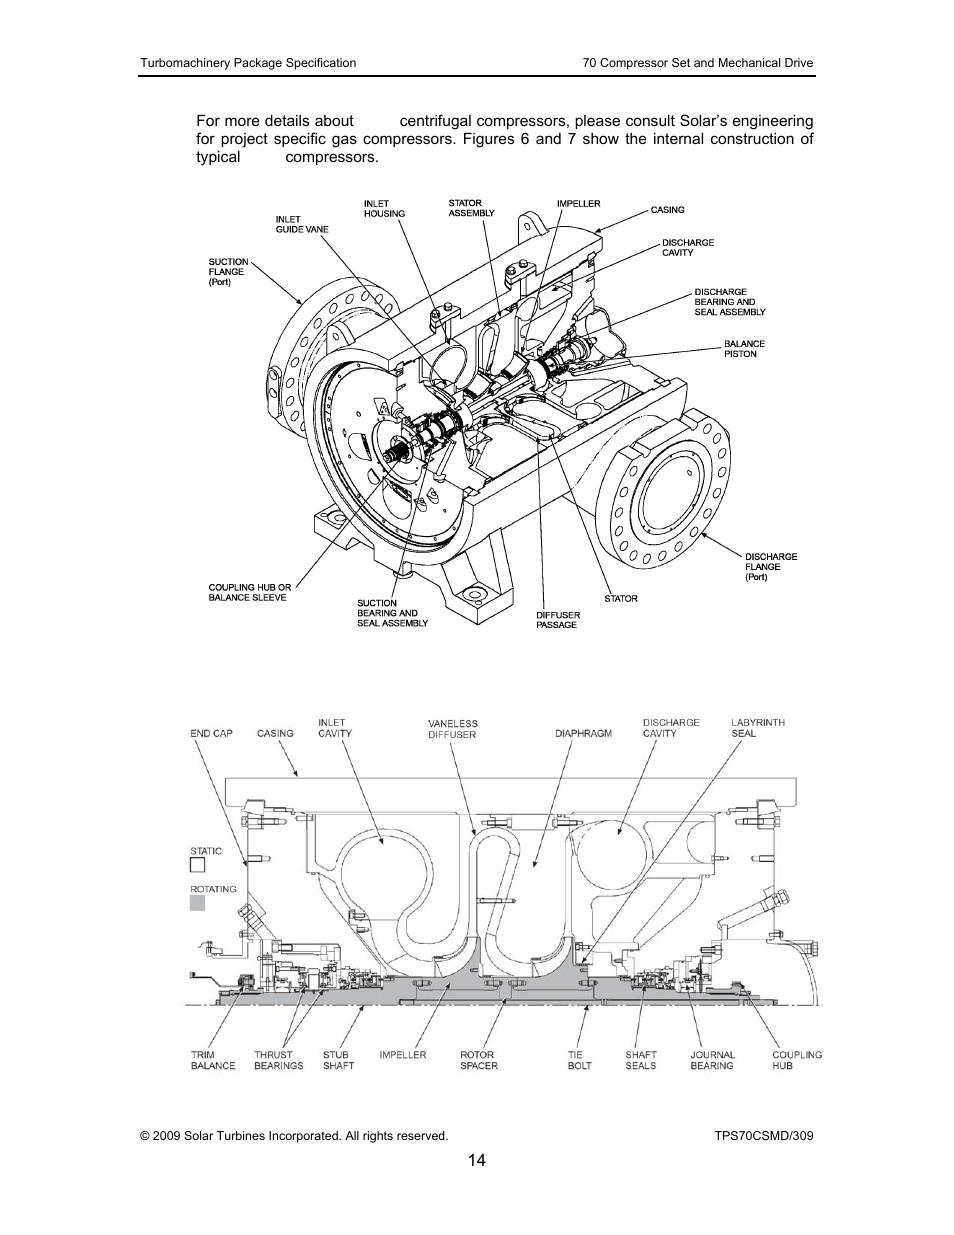 Figure 6, Cutaway diagram of a solar gas compressor